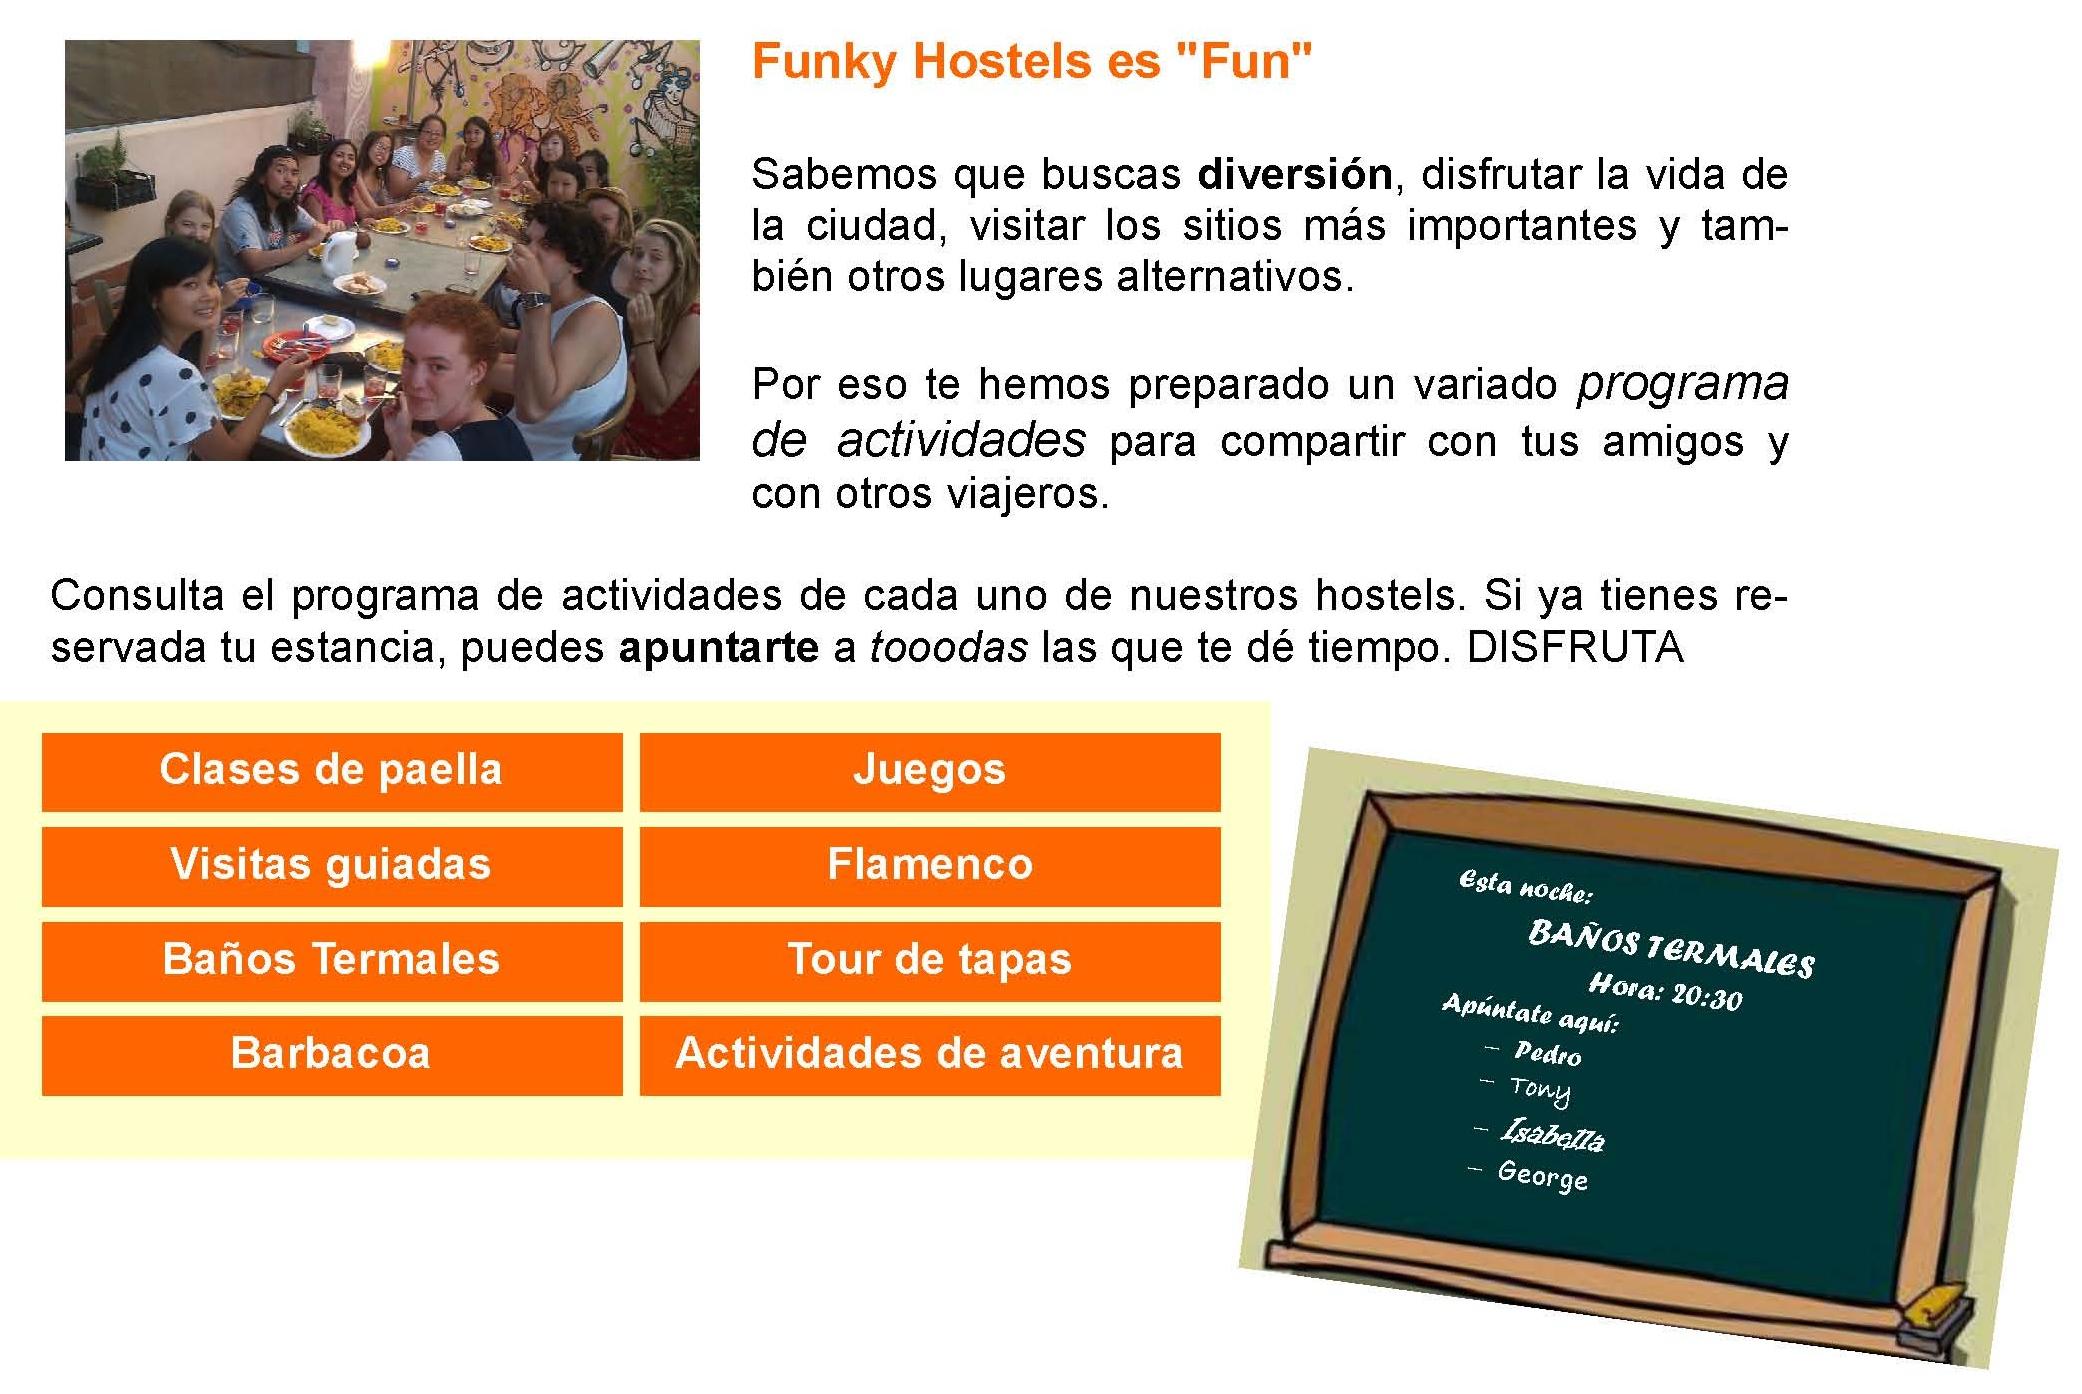 Funky_hostels_es_fun.jpg